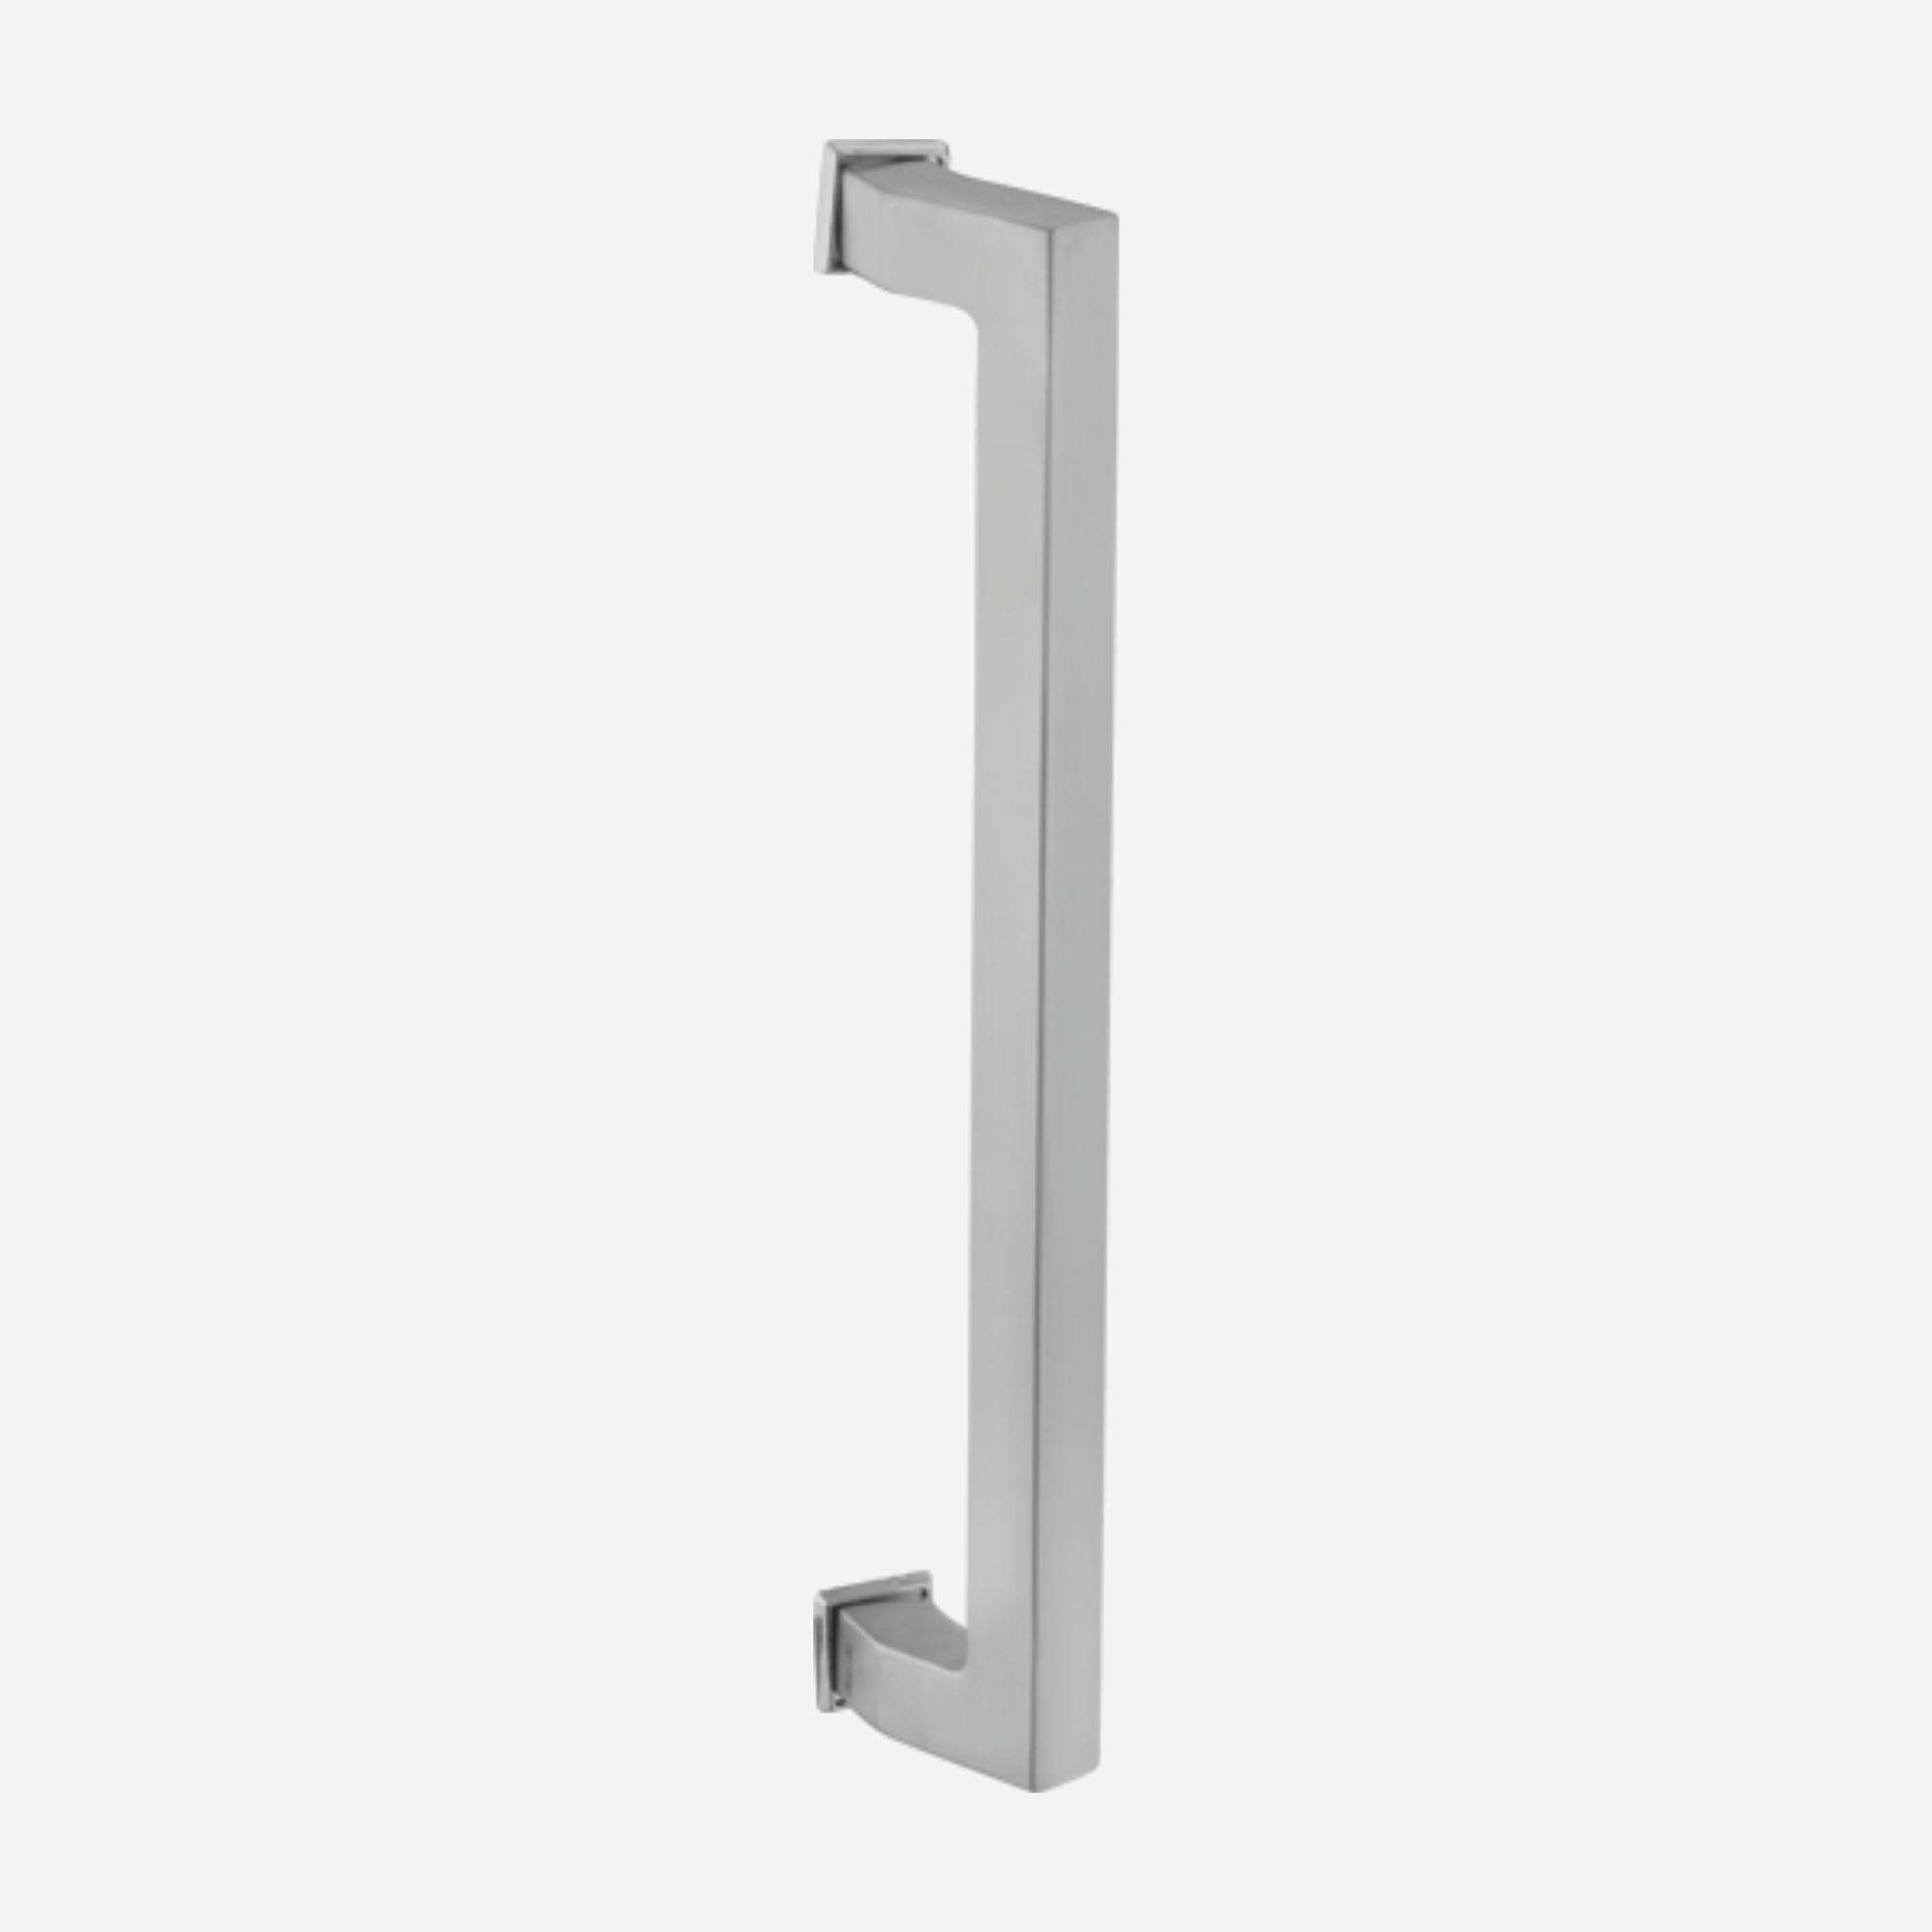 Dorset PULL HANDLE FOR DOOR 6inch - NE 06 P SS